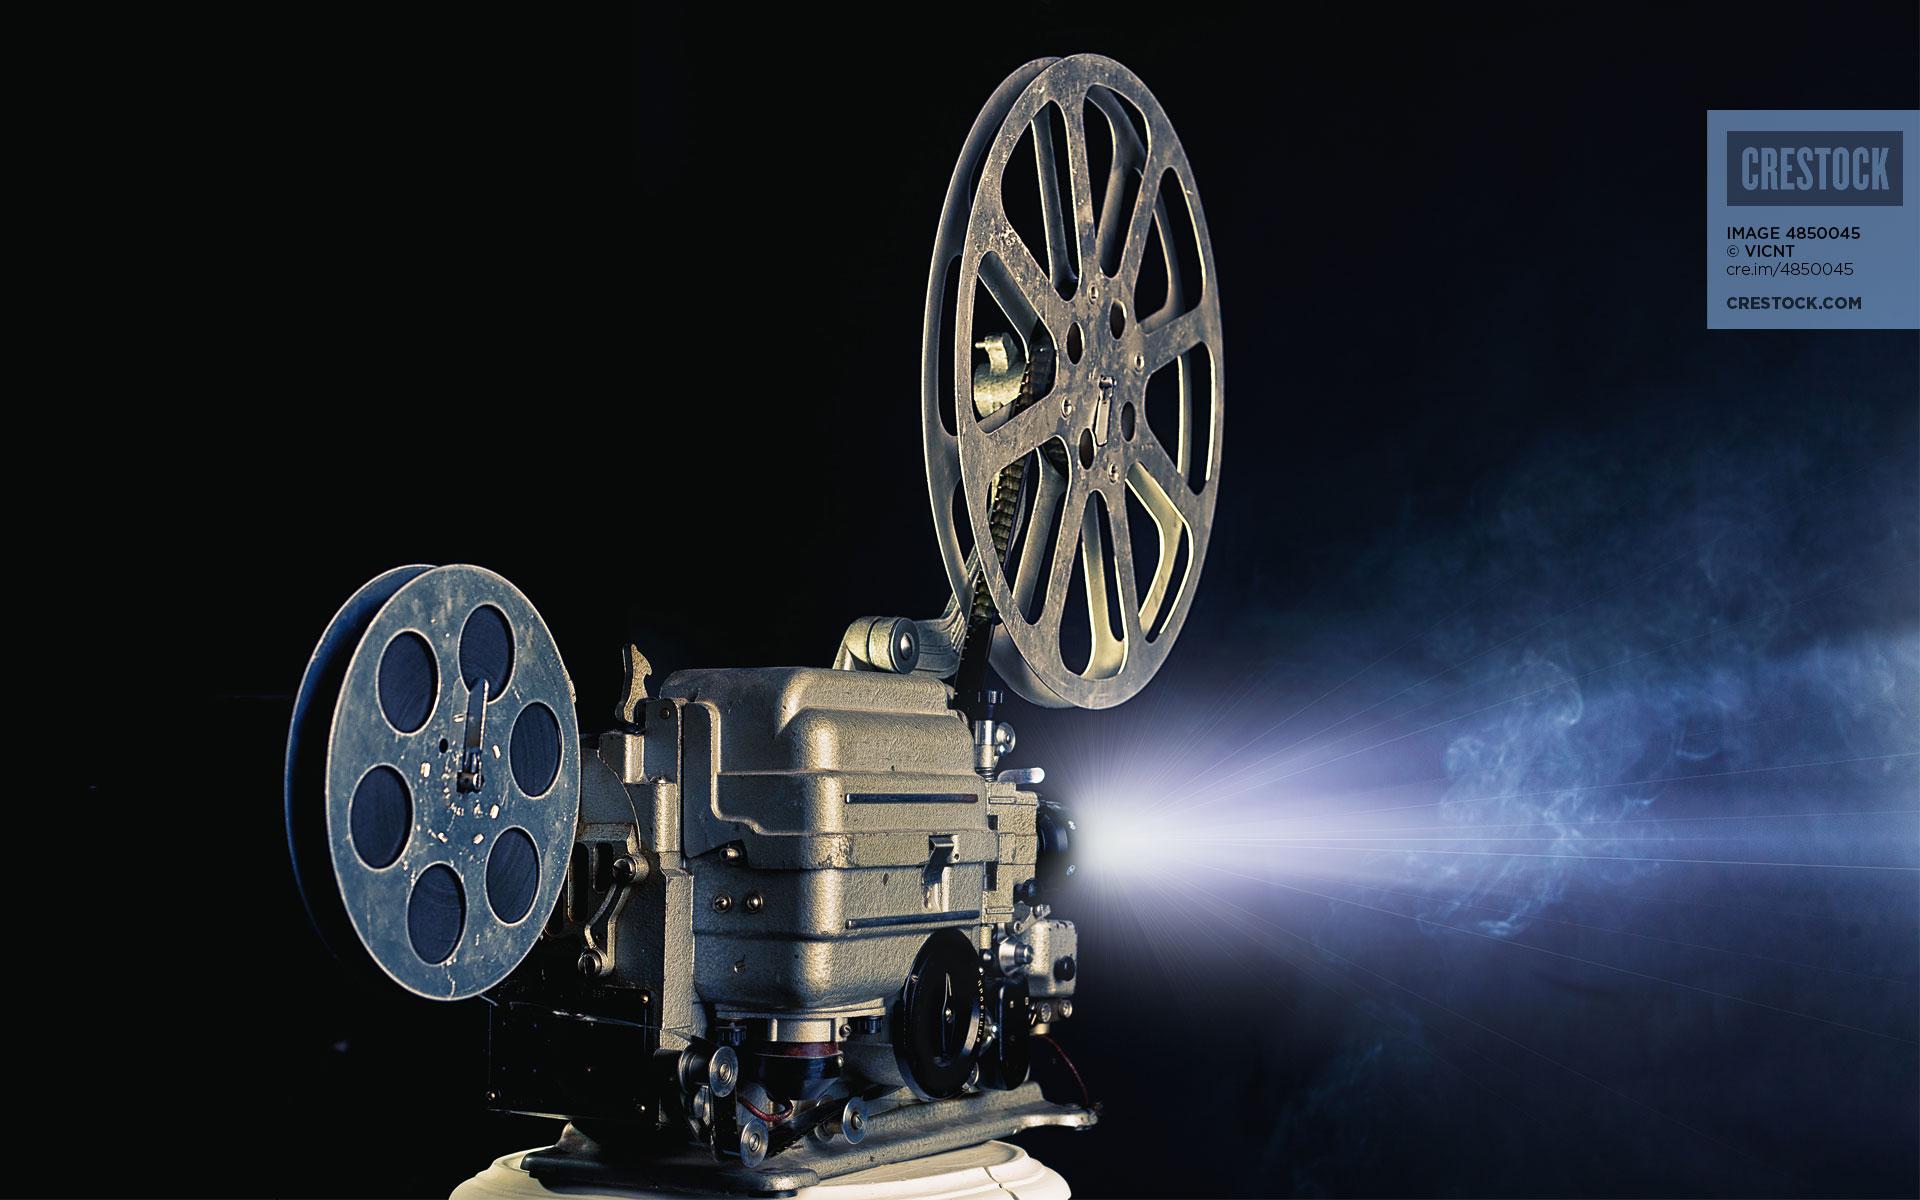 Découvrir l'école de cinéma : je vous en parle dans mon article du jour